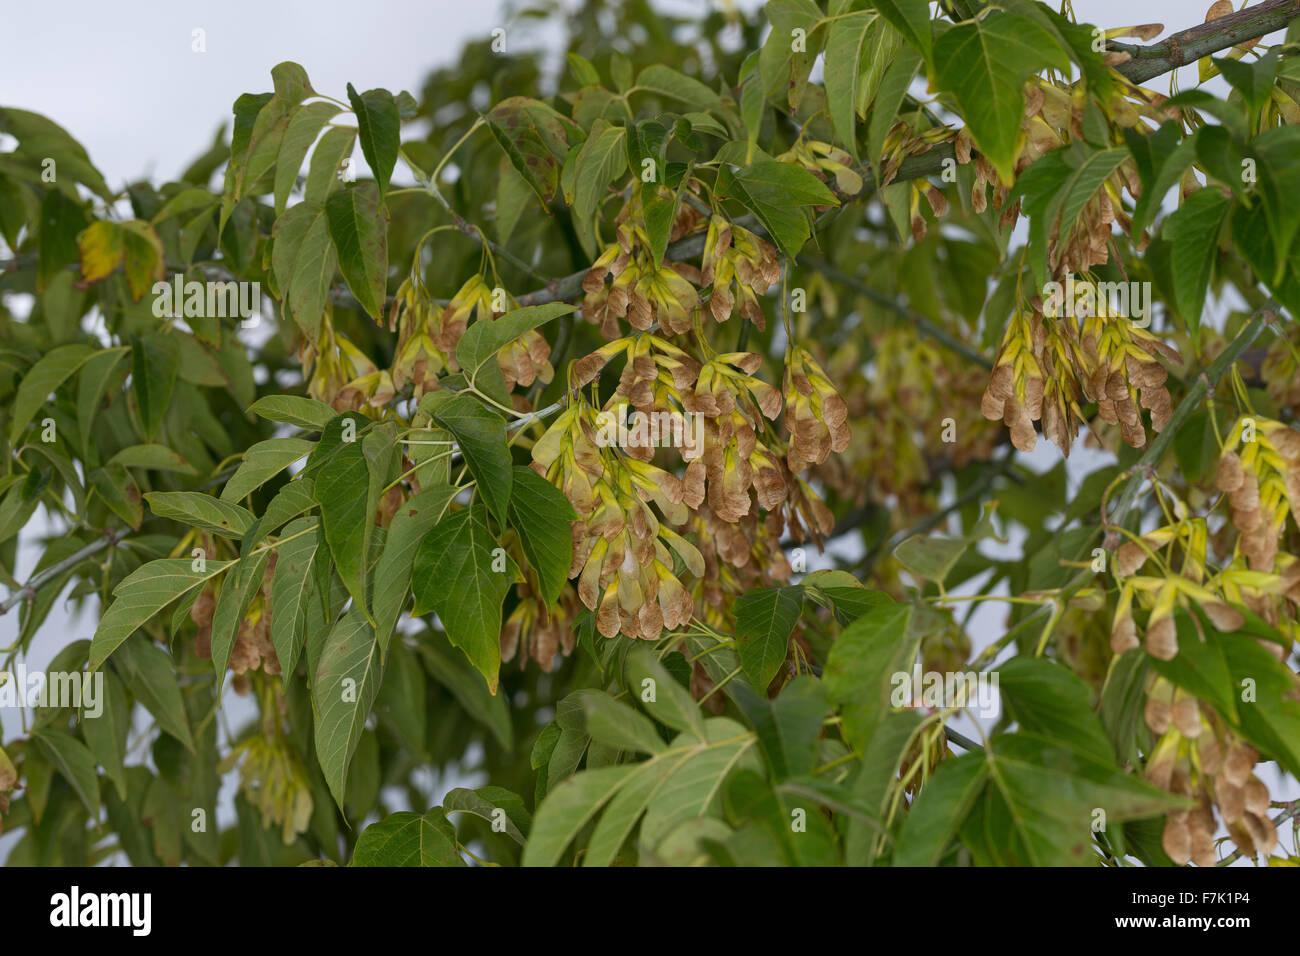 Box Elder Boxelder Maple Ash Leaved Maple Eschen Ahorn